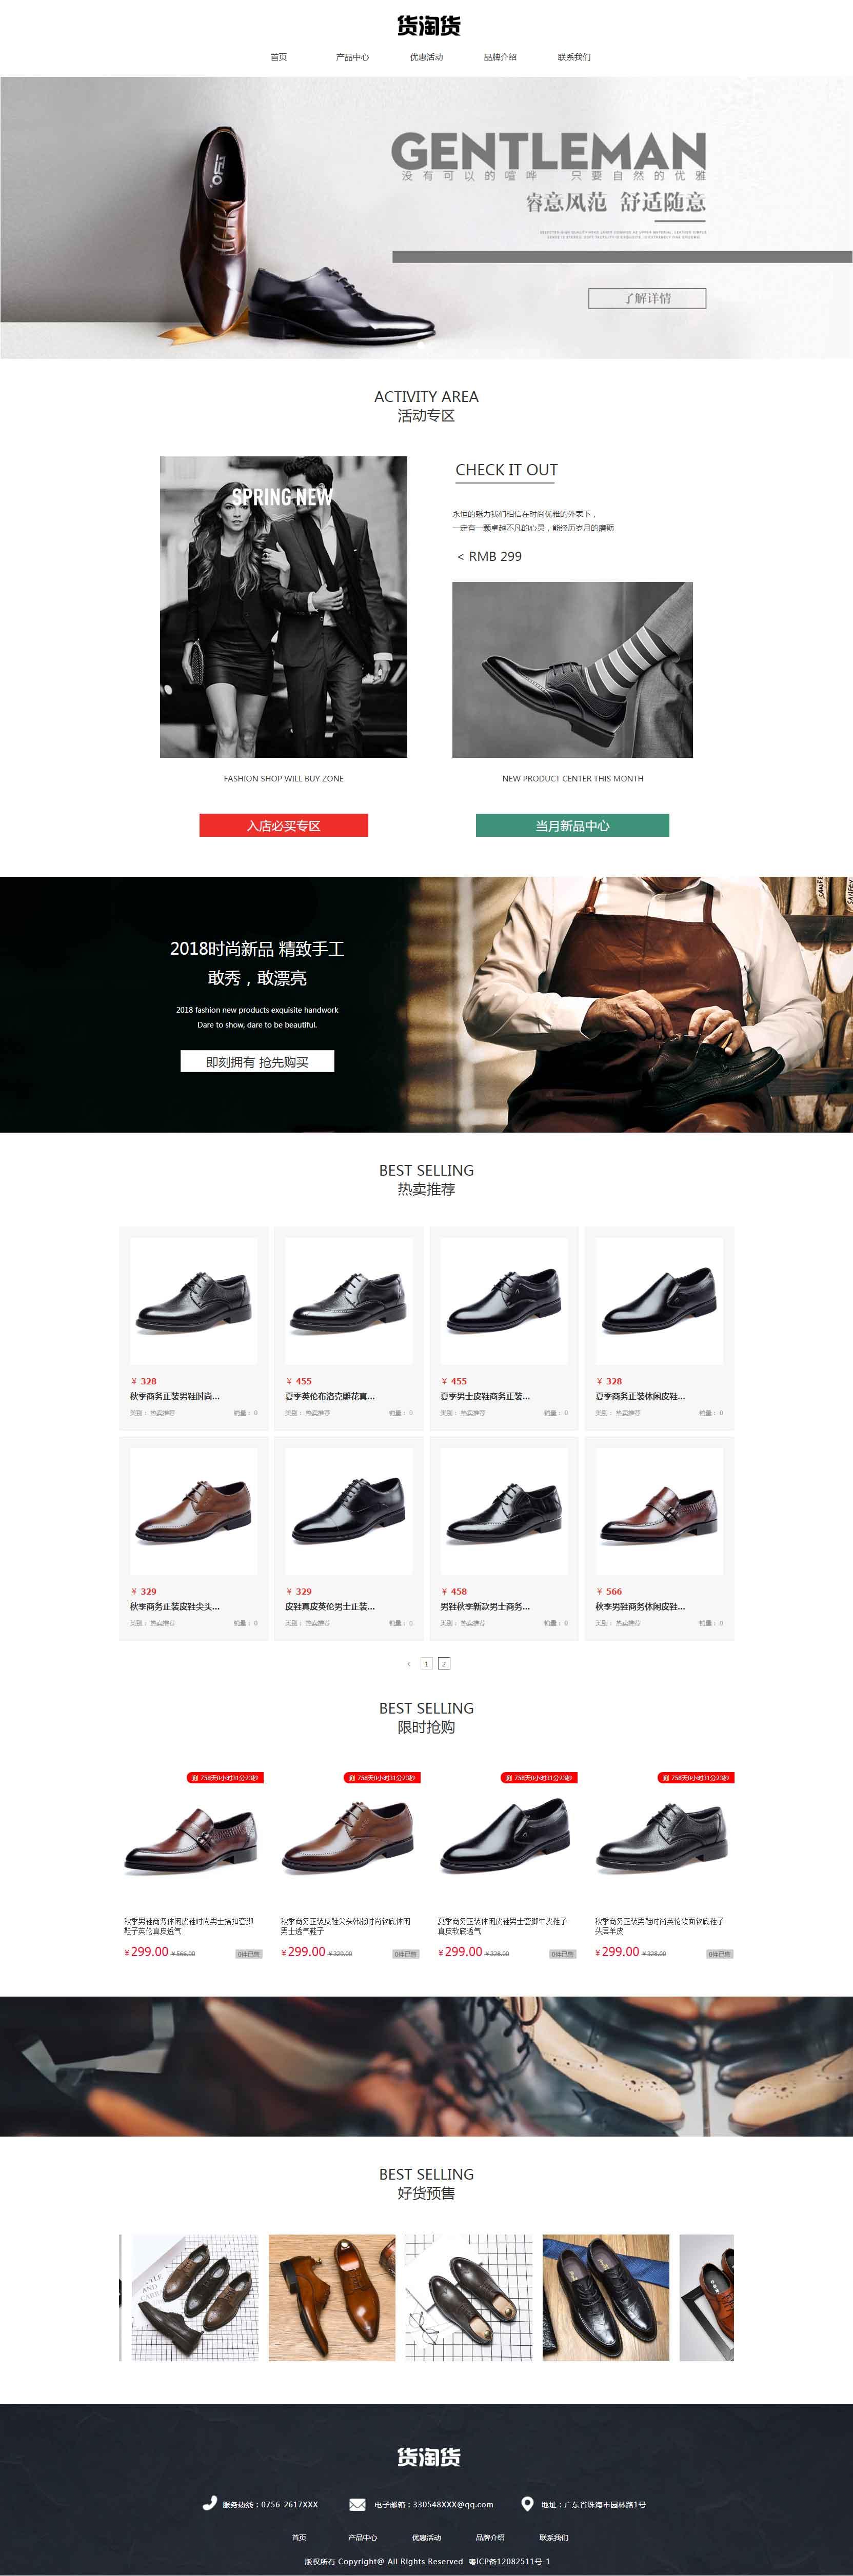 货淘货皮鞋商城